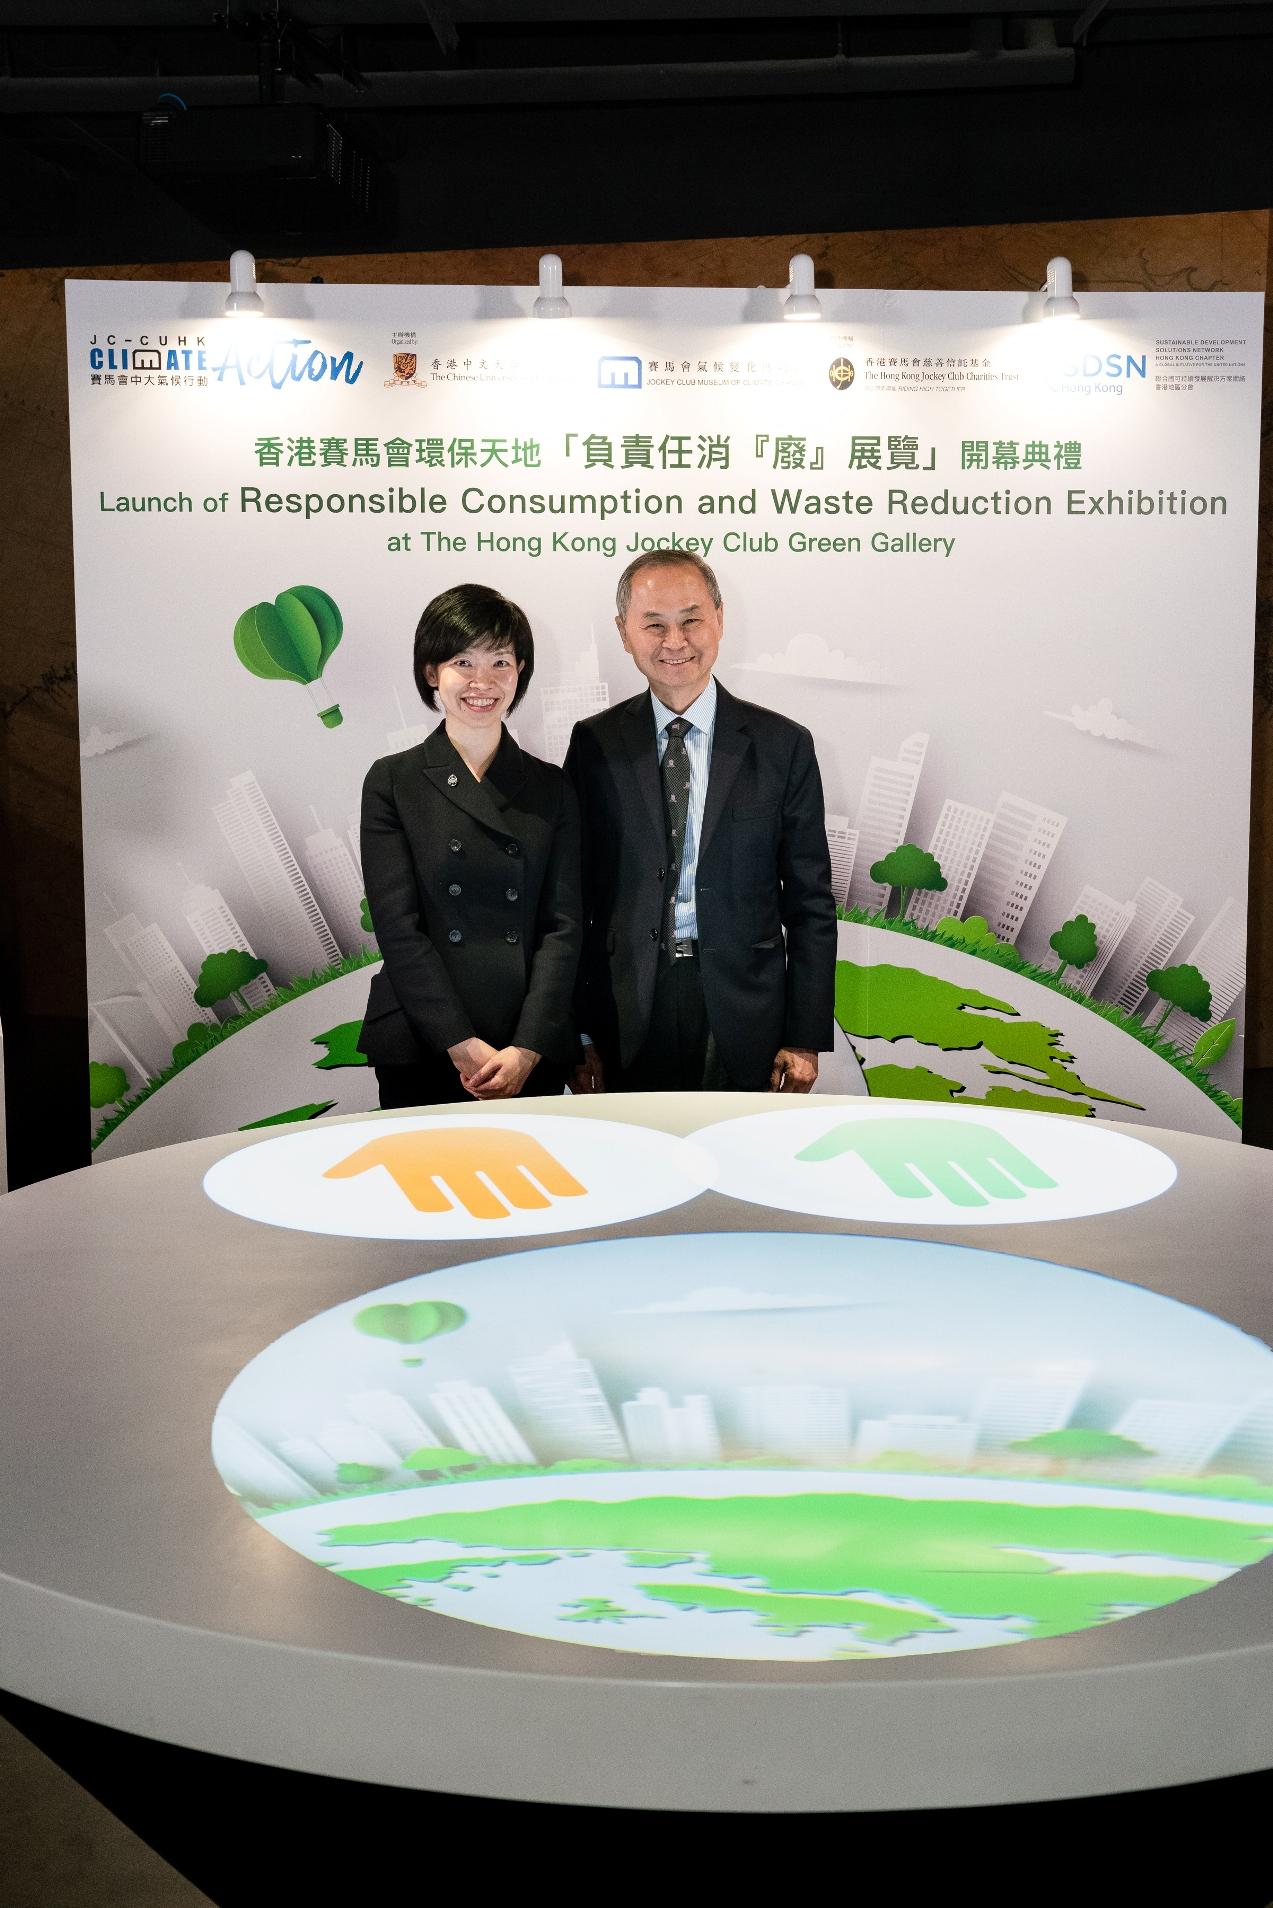 霍泰辉教授及邓咏茵小姐主持「负责任消『废』展览」开幕仪式